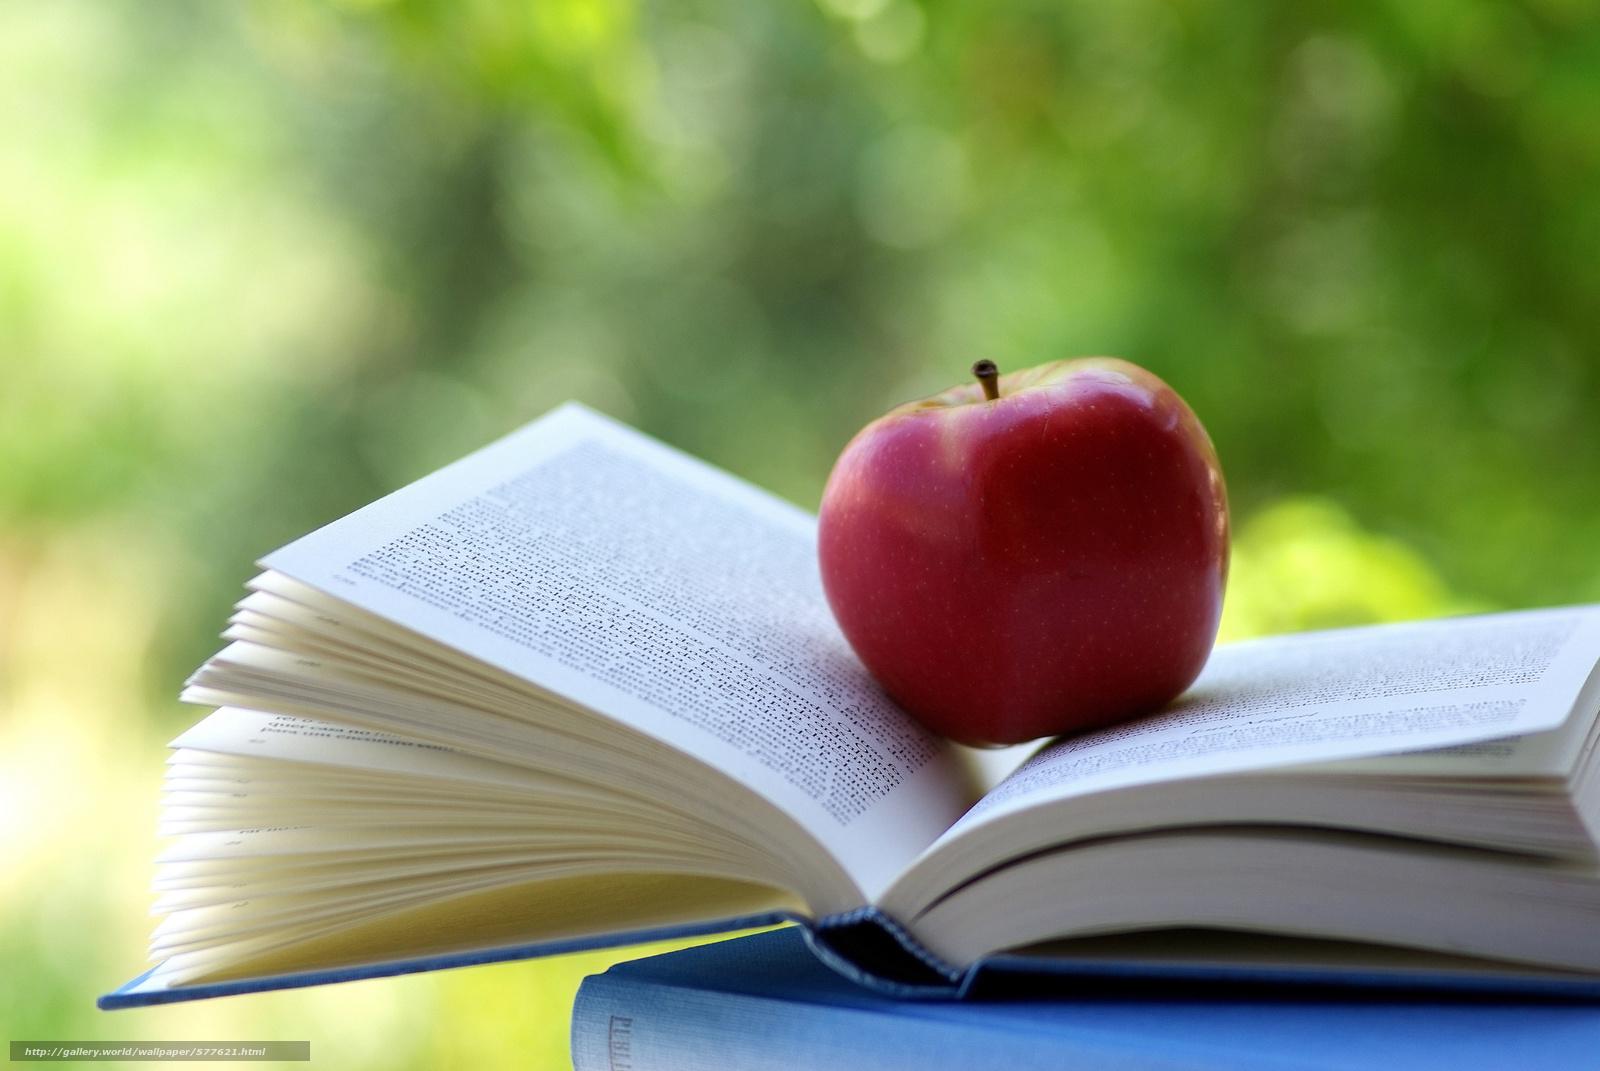 Скачать обои чтение,  яблоко,  книга,  предмет бесплатно для рабочего стола в разрешении 3872x2592 — картинка №577621